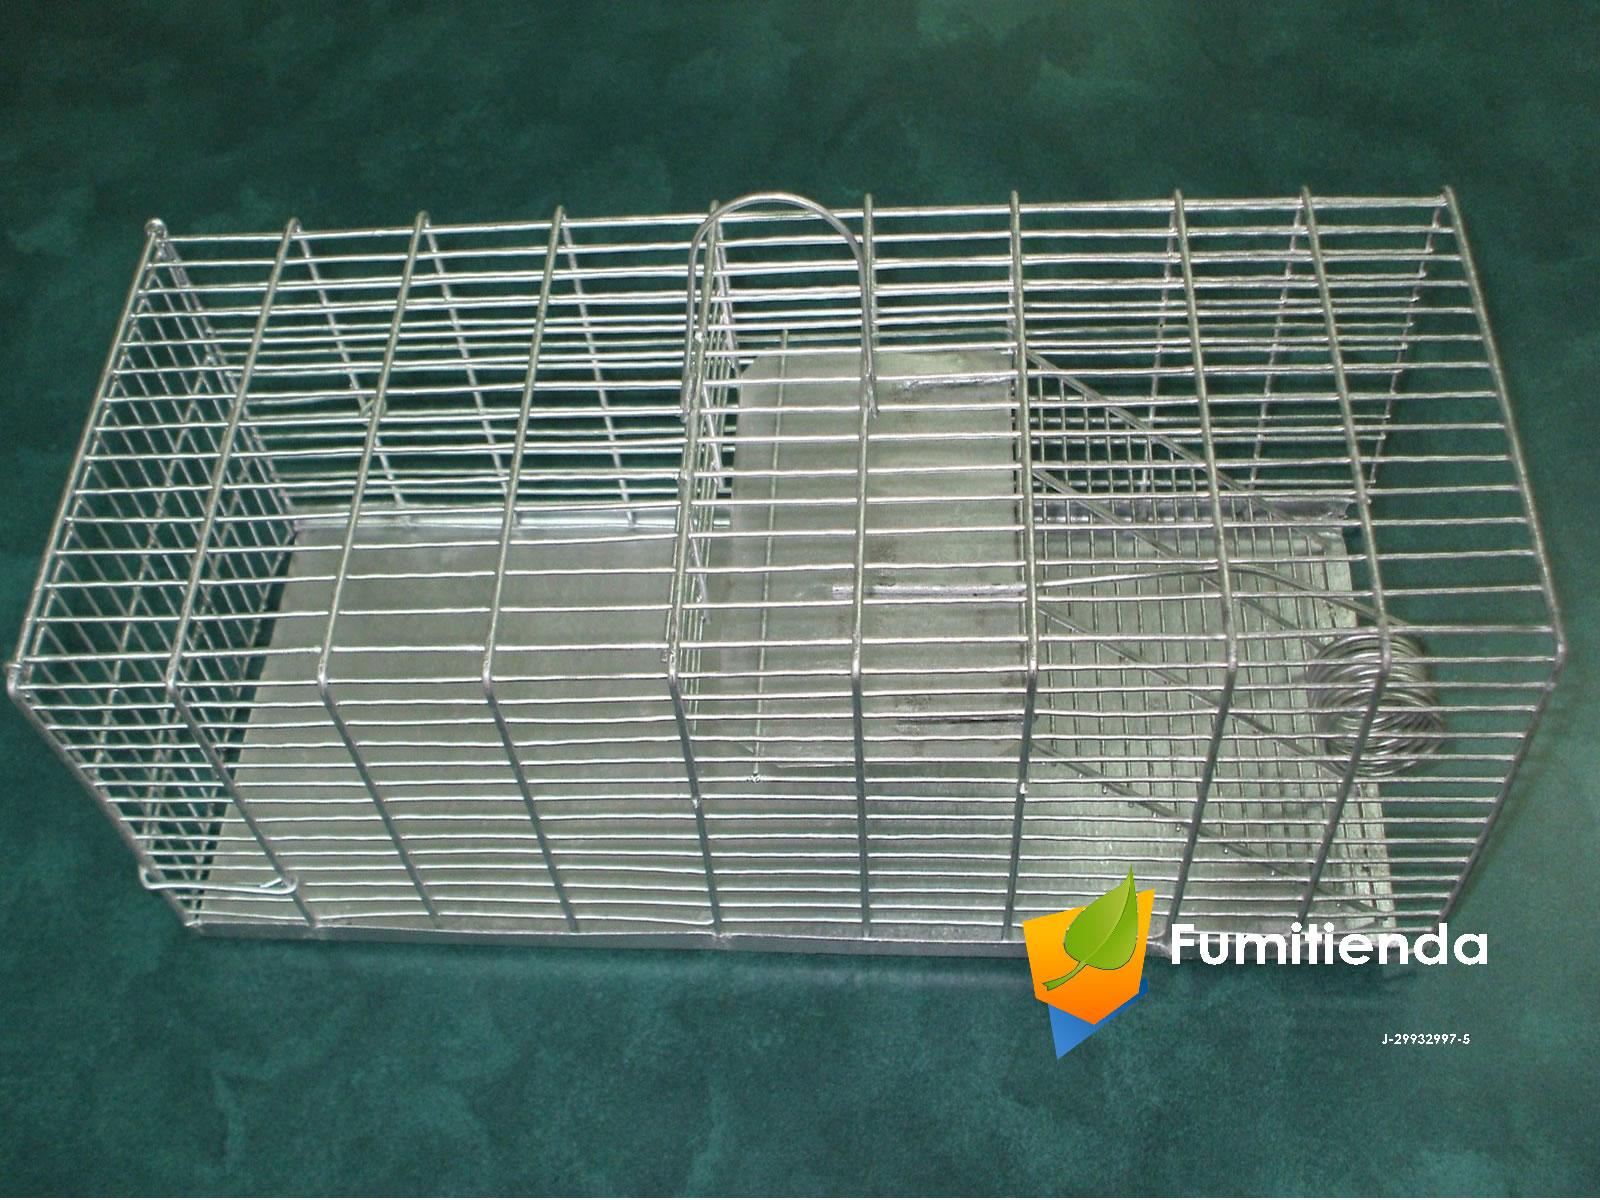 Limpieza y fumigaci n trampa jaulas para ratas de captura - Trampas para cazar ratas ...